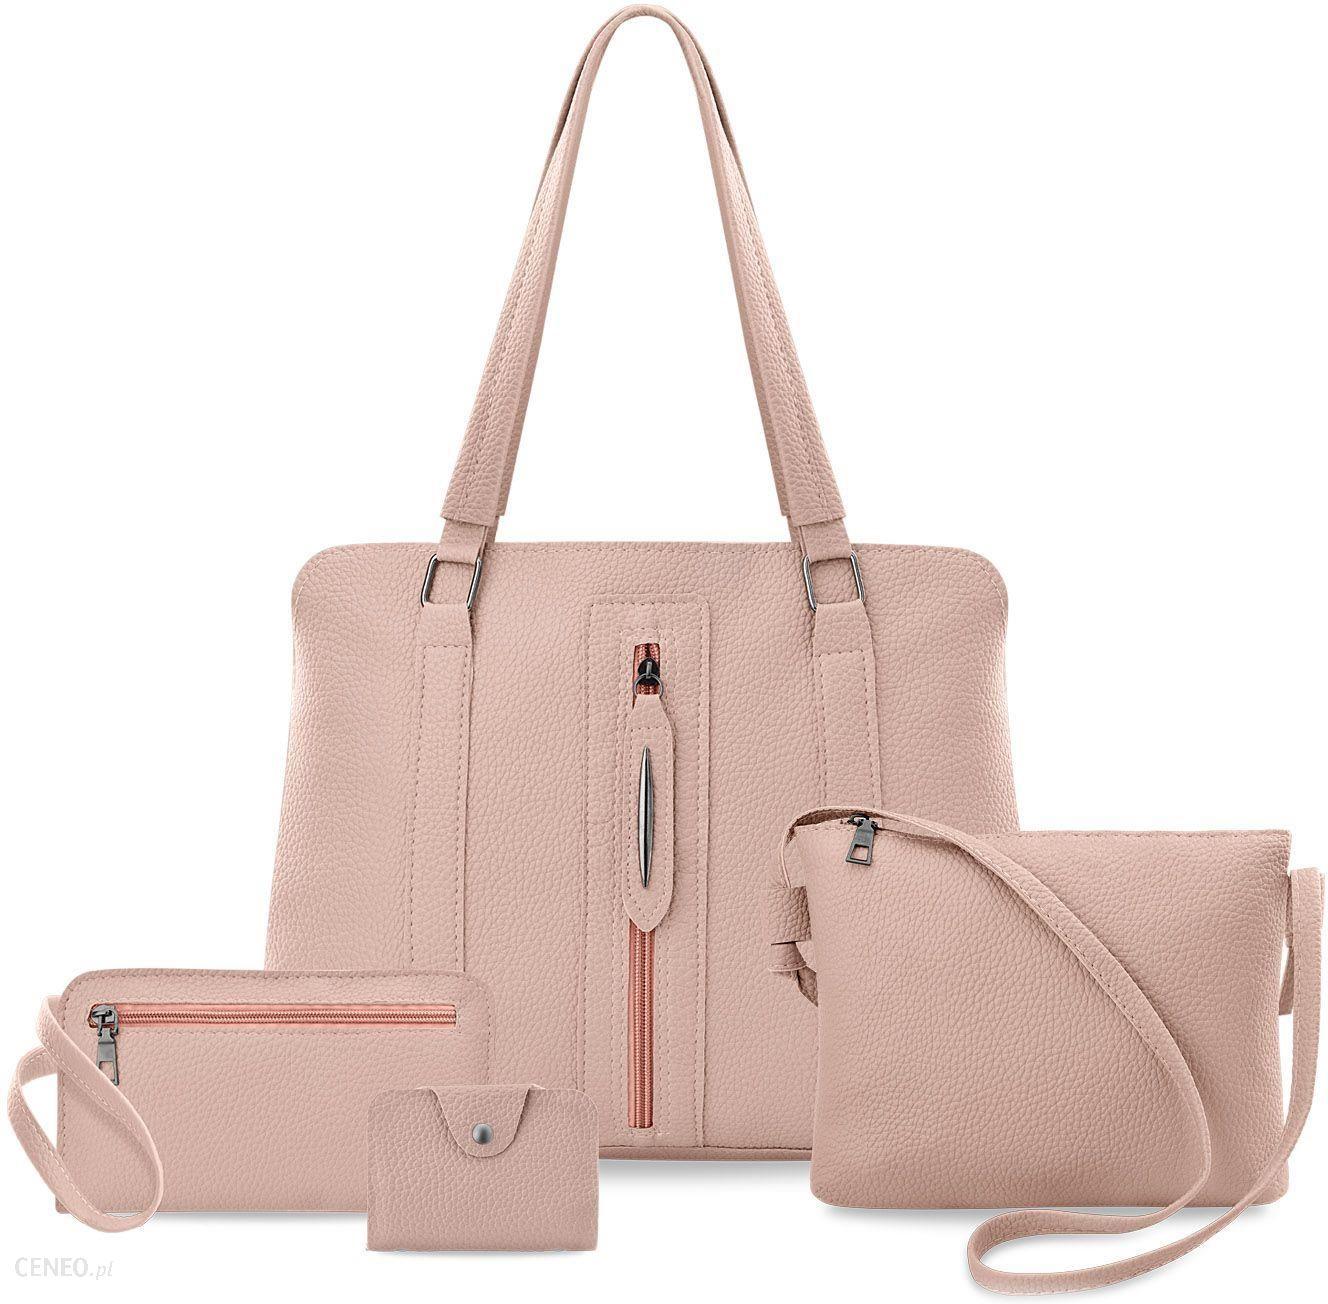 e077ef1e61779 Zestaw torebek damskich 4w1 torba shopperka z ozdobnym zamkiem listonoszka  saszetka etui - różowy - zdjęcie